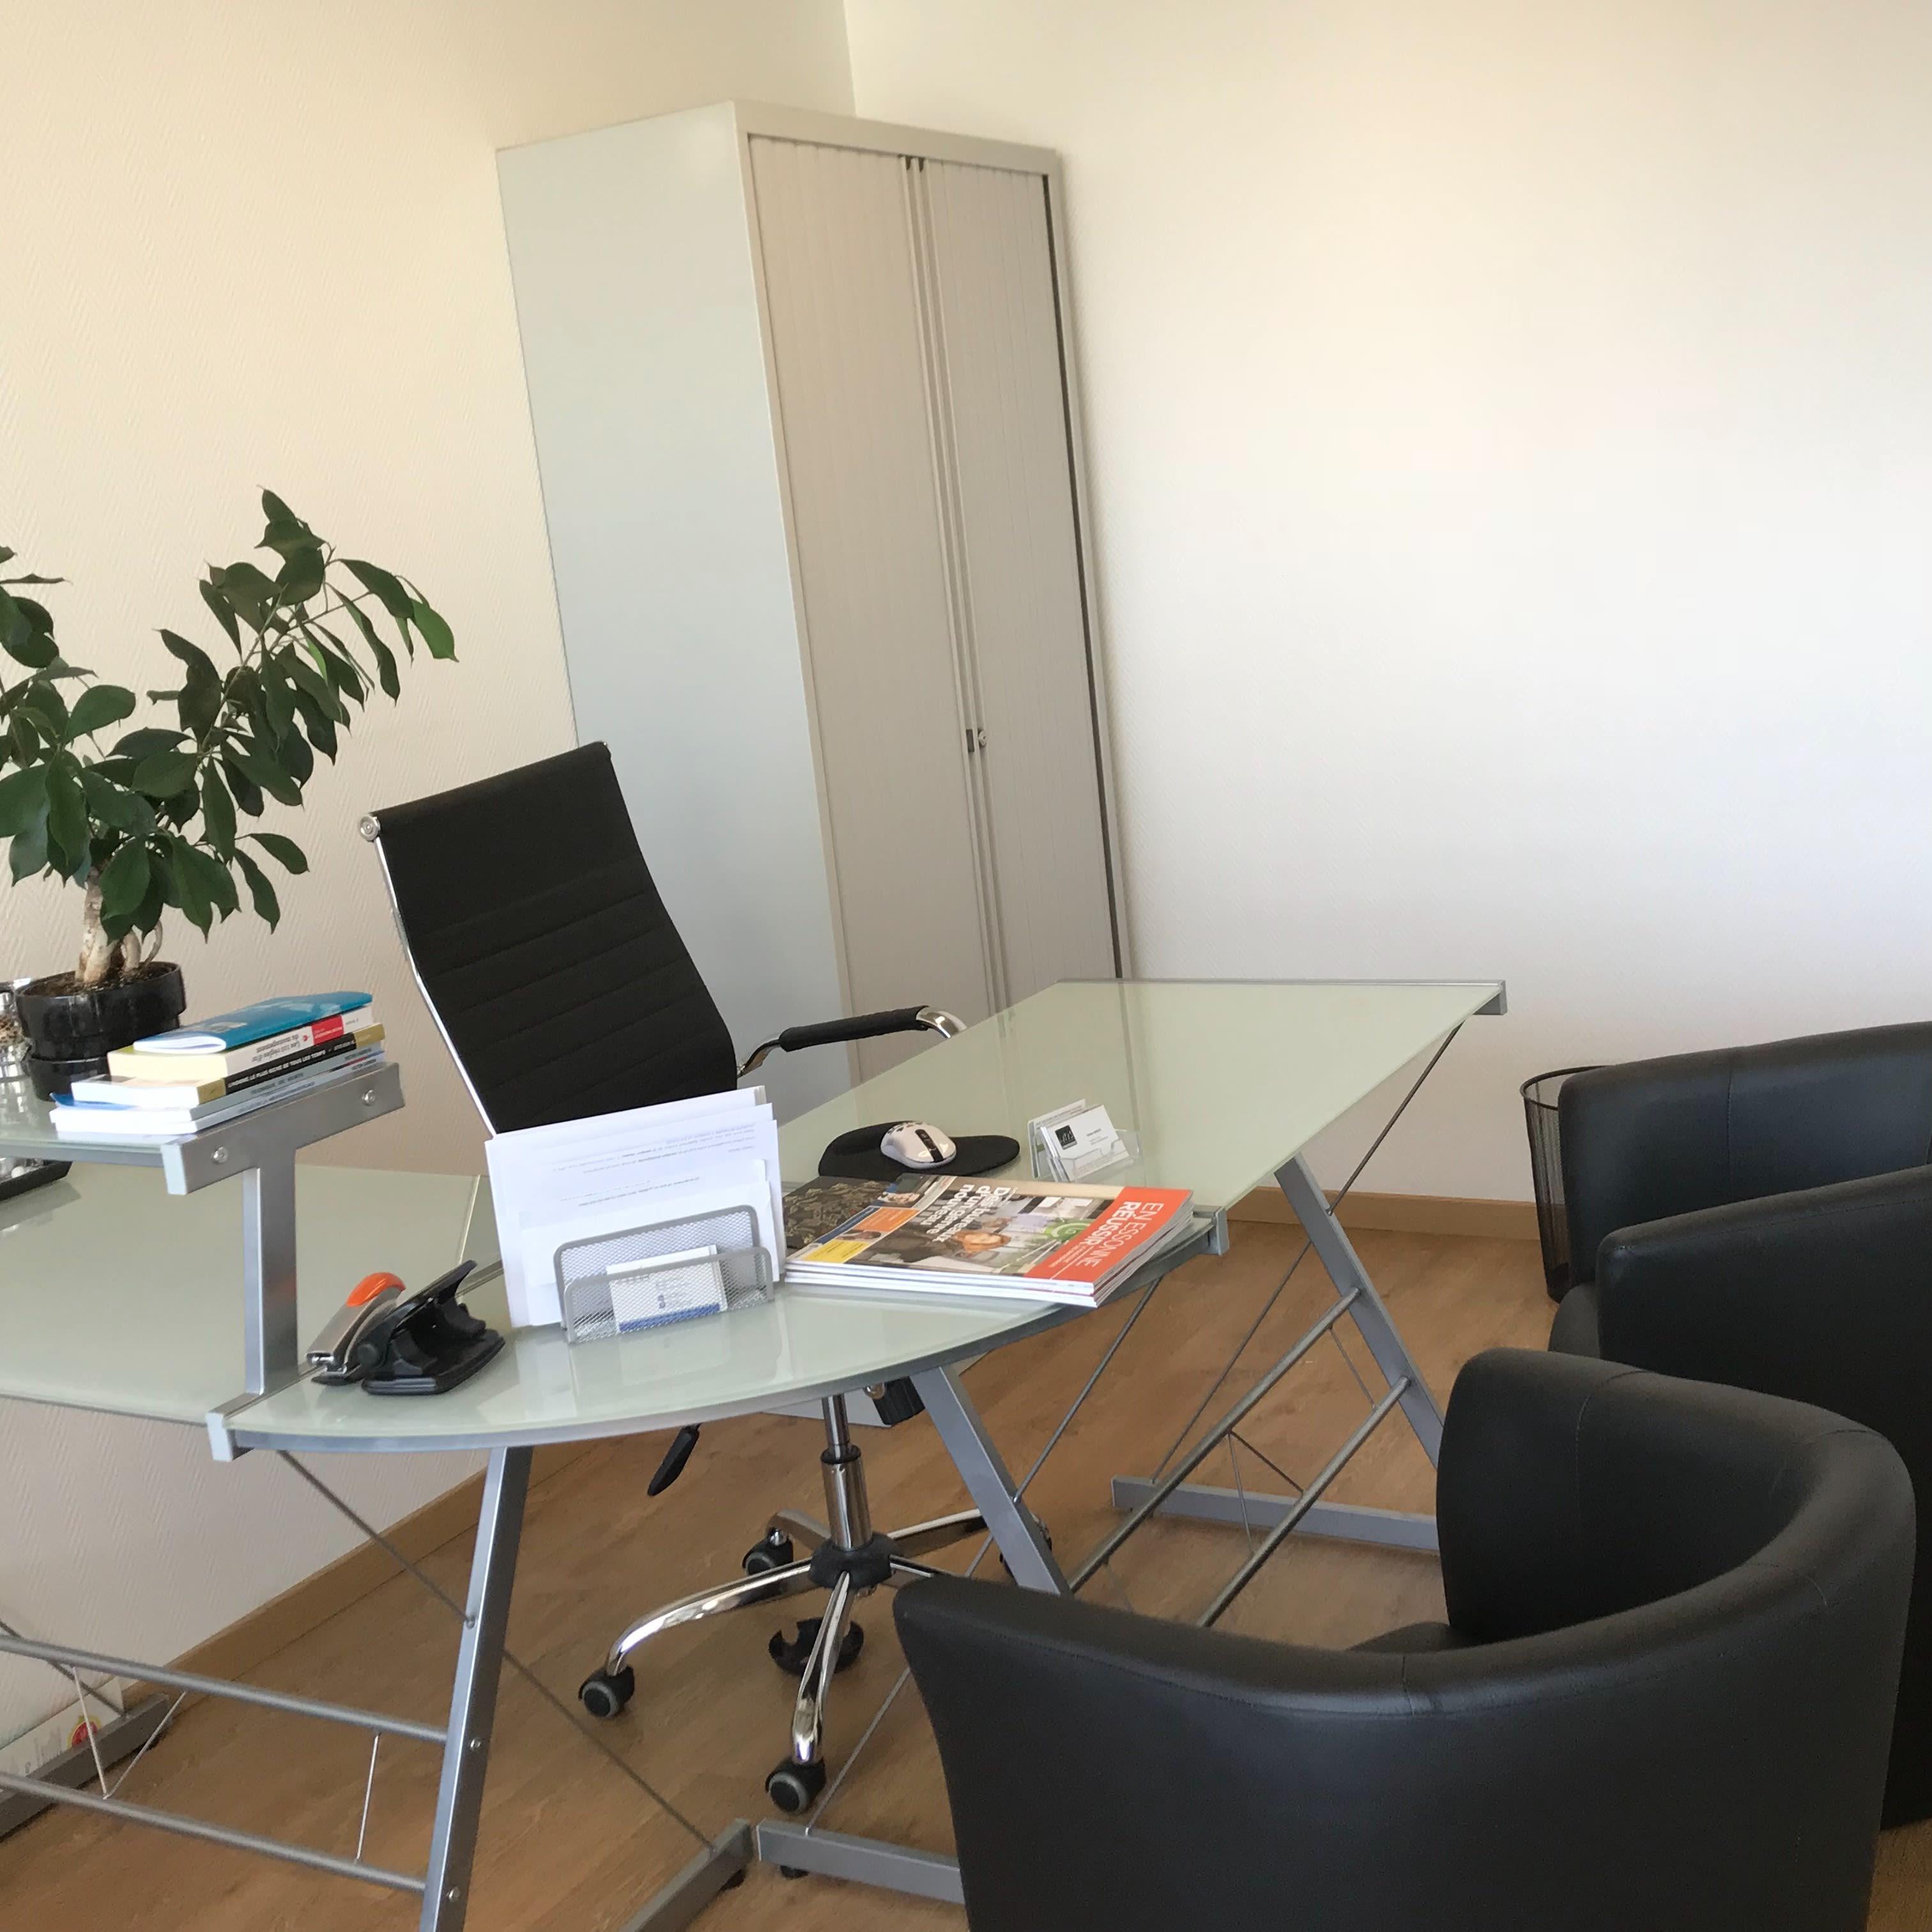 bureau privatif de 6 personnes à Ris-Orangis